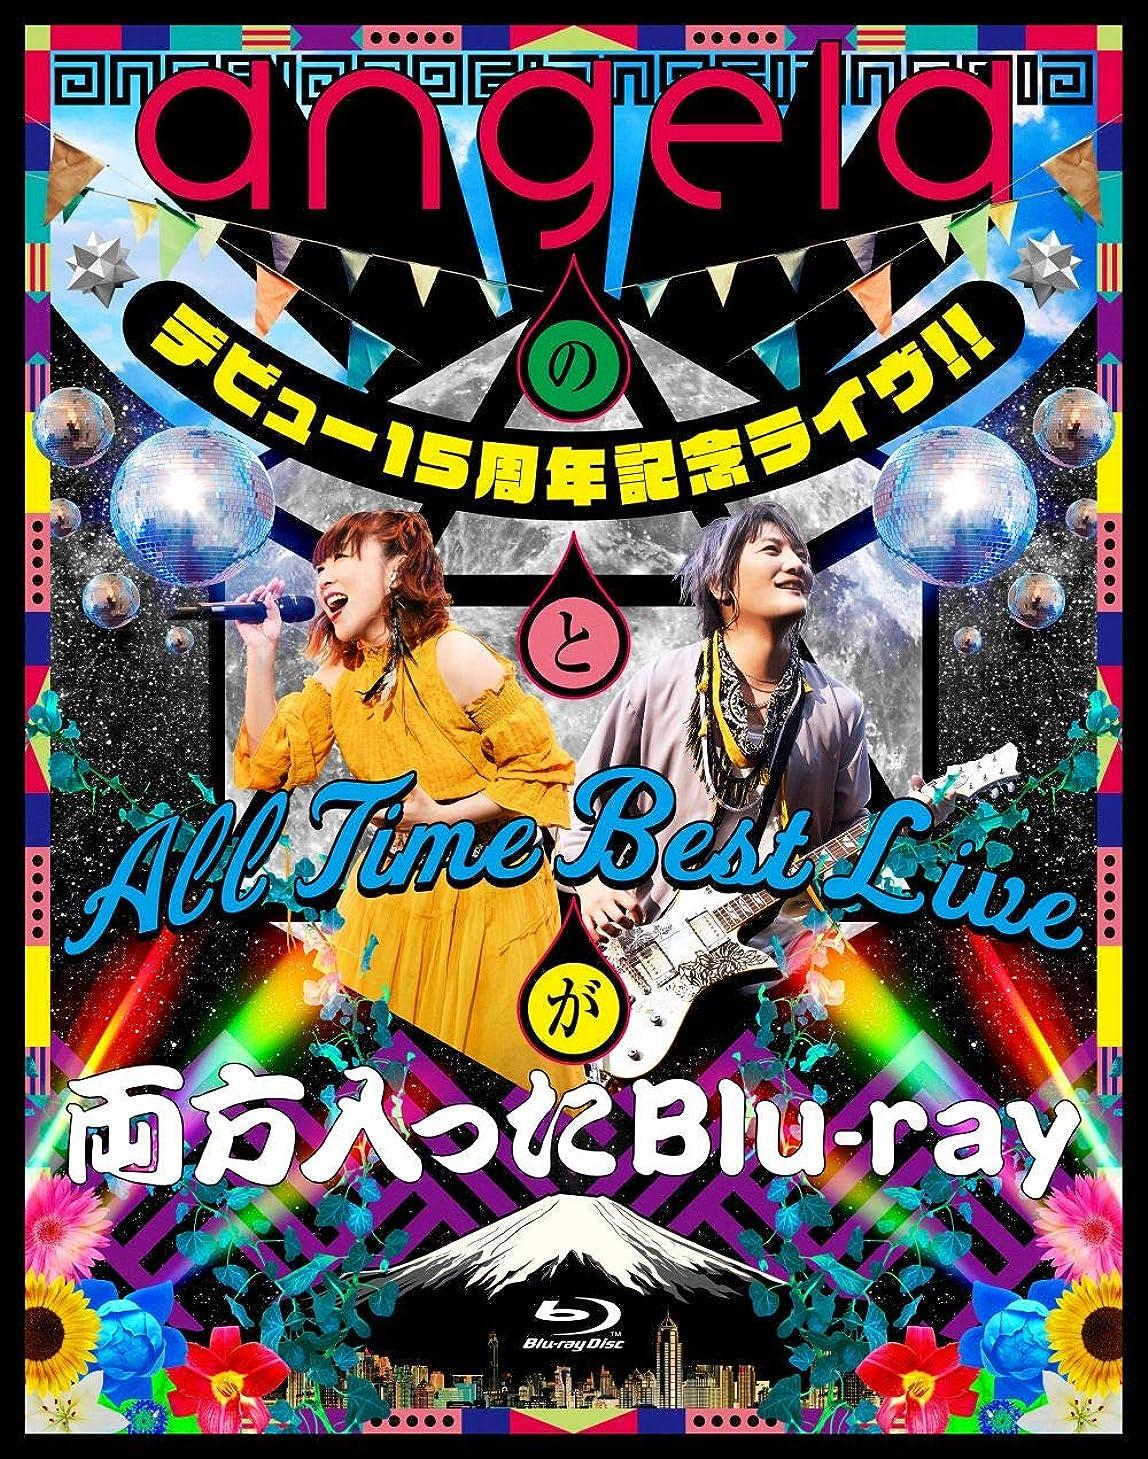 責める力輪郭【Amazon.co.jp限定】angelaのデビュー15周年記念ライヴ!!とAll Time Best Liveが両方入ったBlu-ray(オリジナルデカジャケ+メーカー多売:ポストカード付)